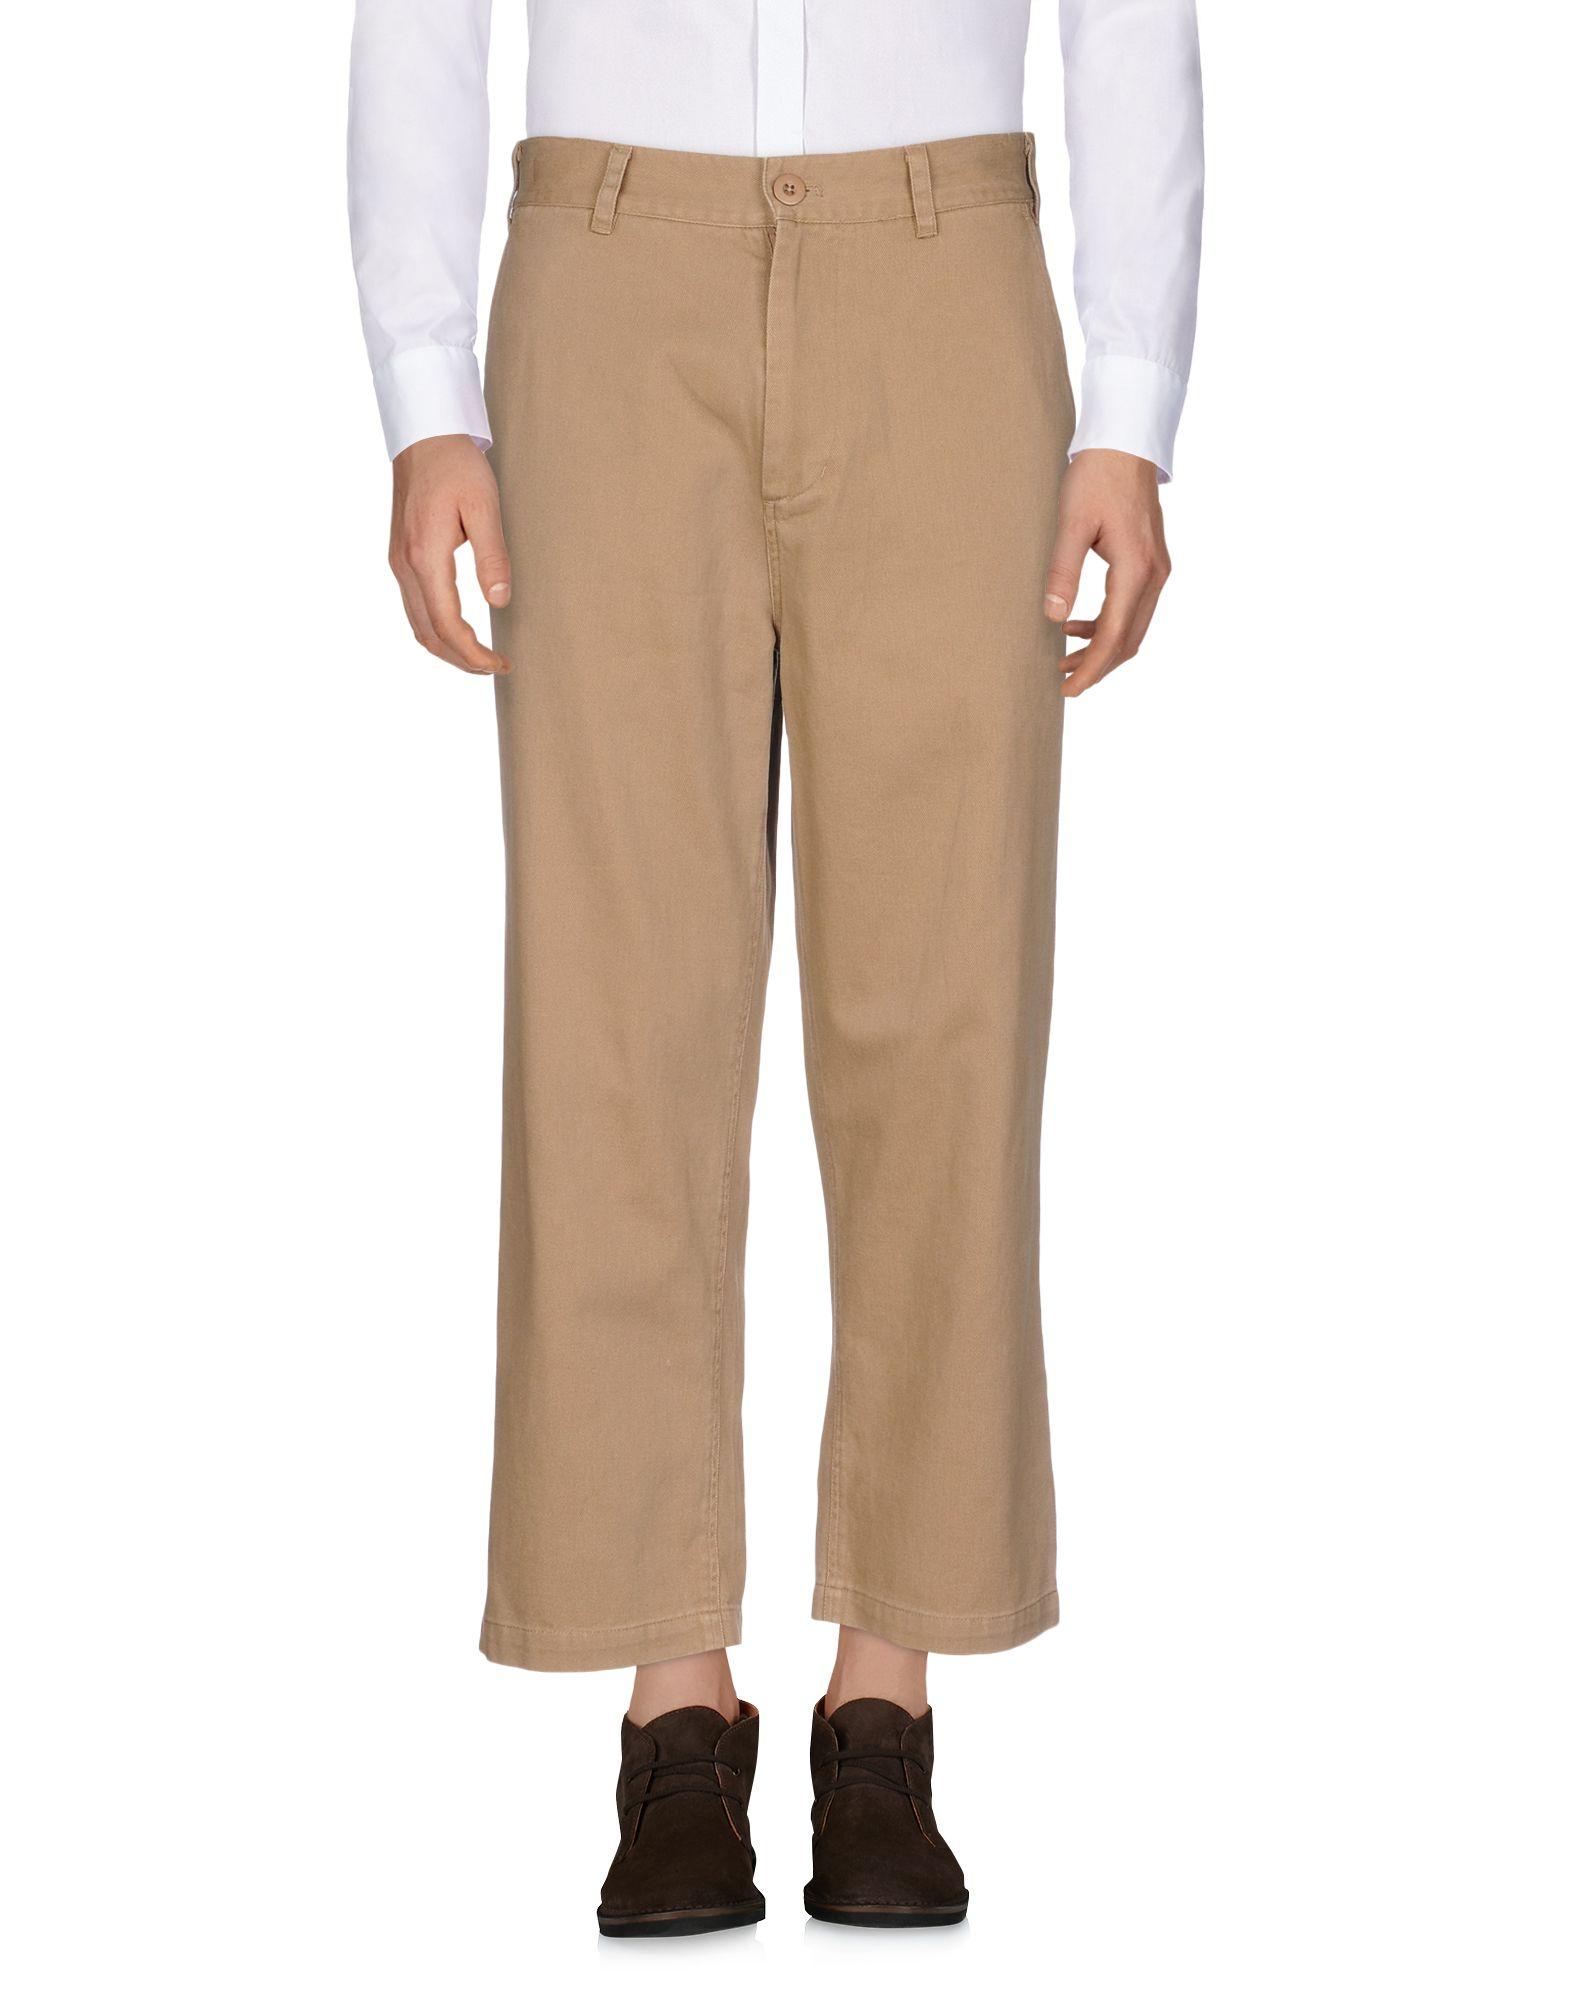 《送料無料》OBEY メンズ パンツ サンド 32 コットン 100%